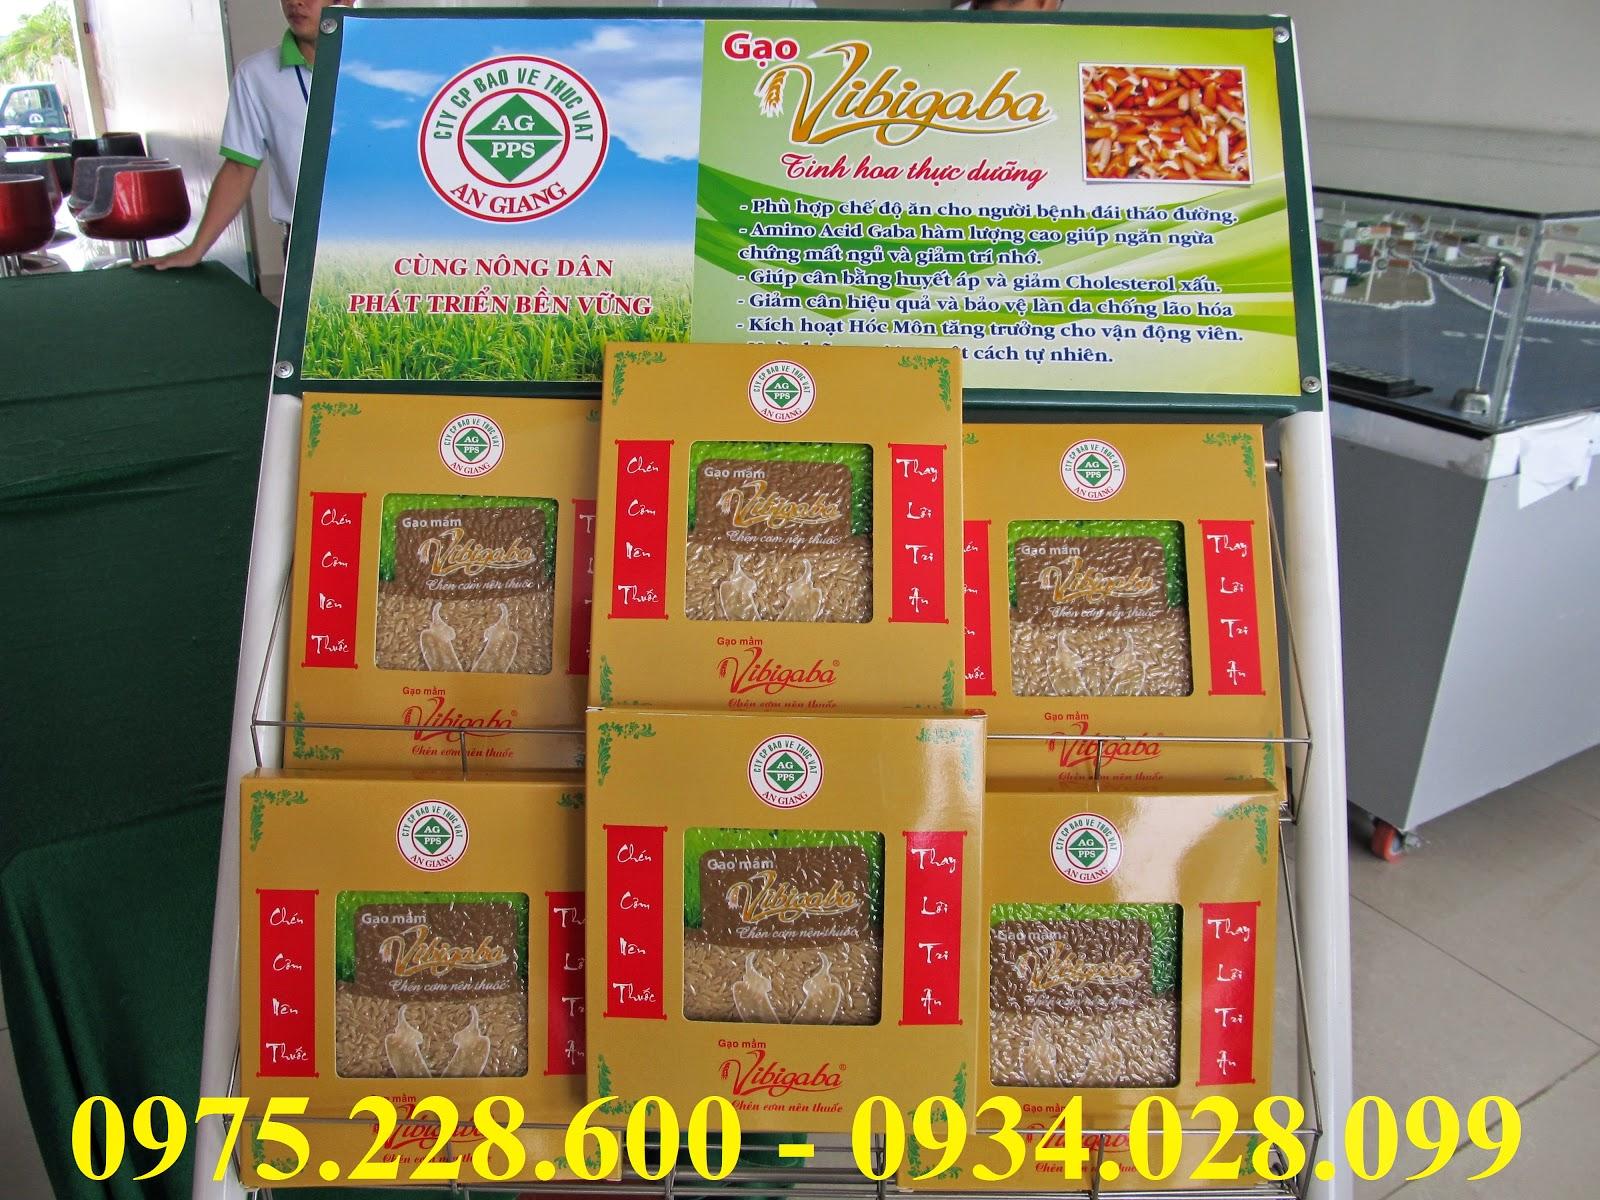 gạo mầm vibigaba được đóng gói ép chân không Khối lượng: 75.000/1kg